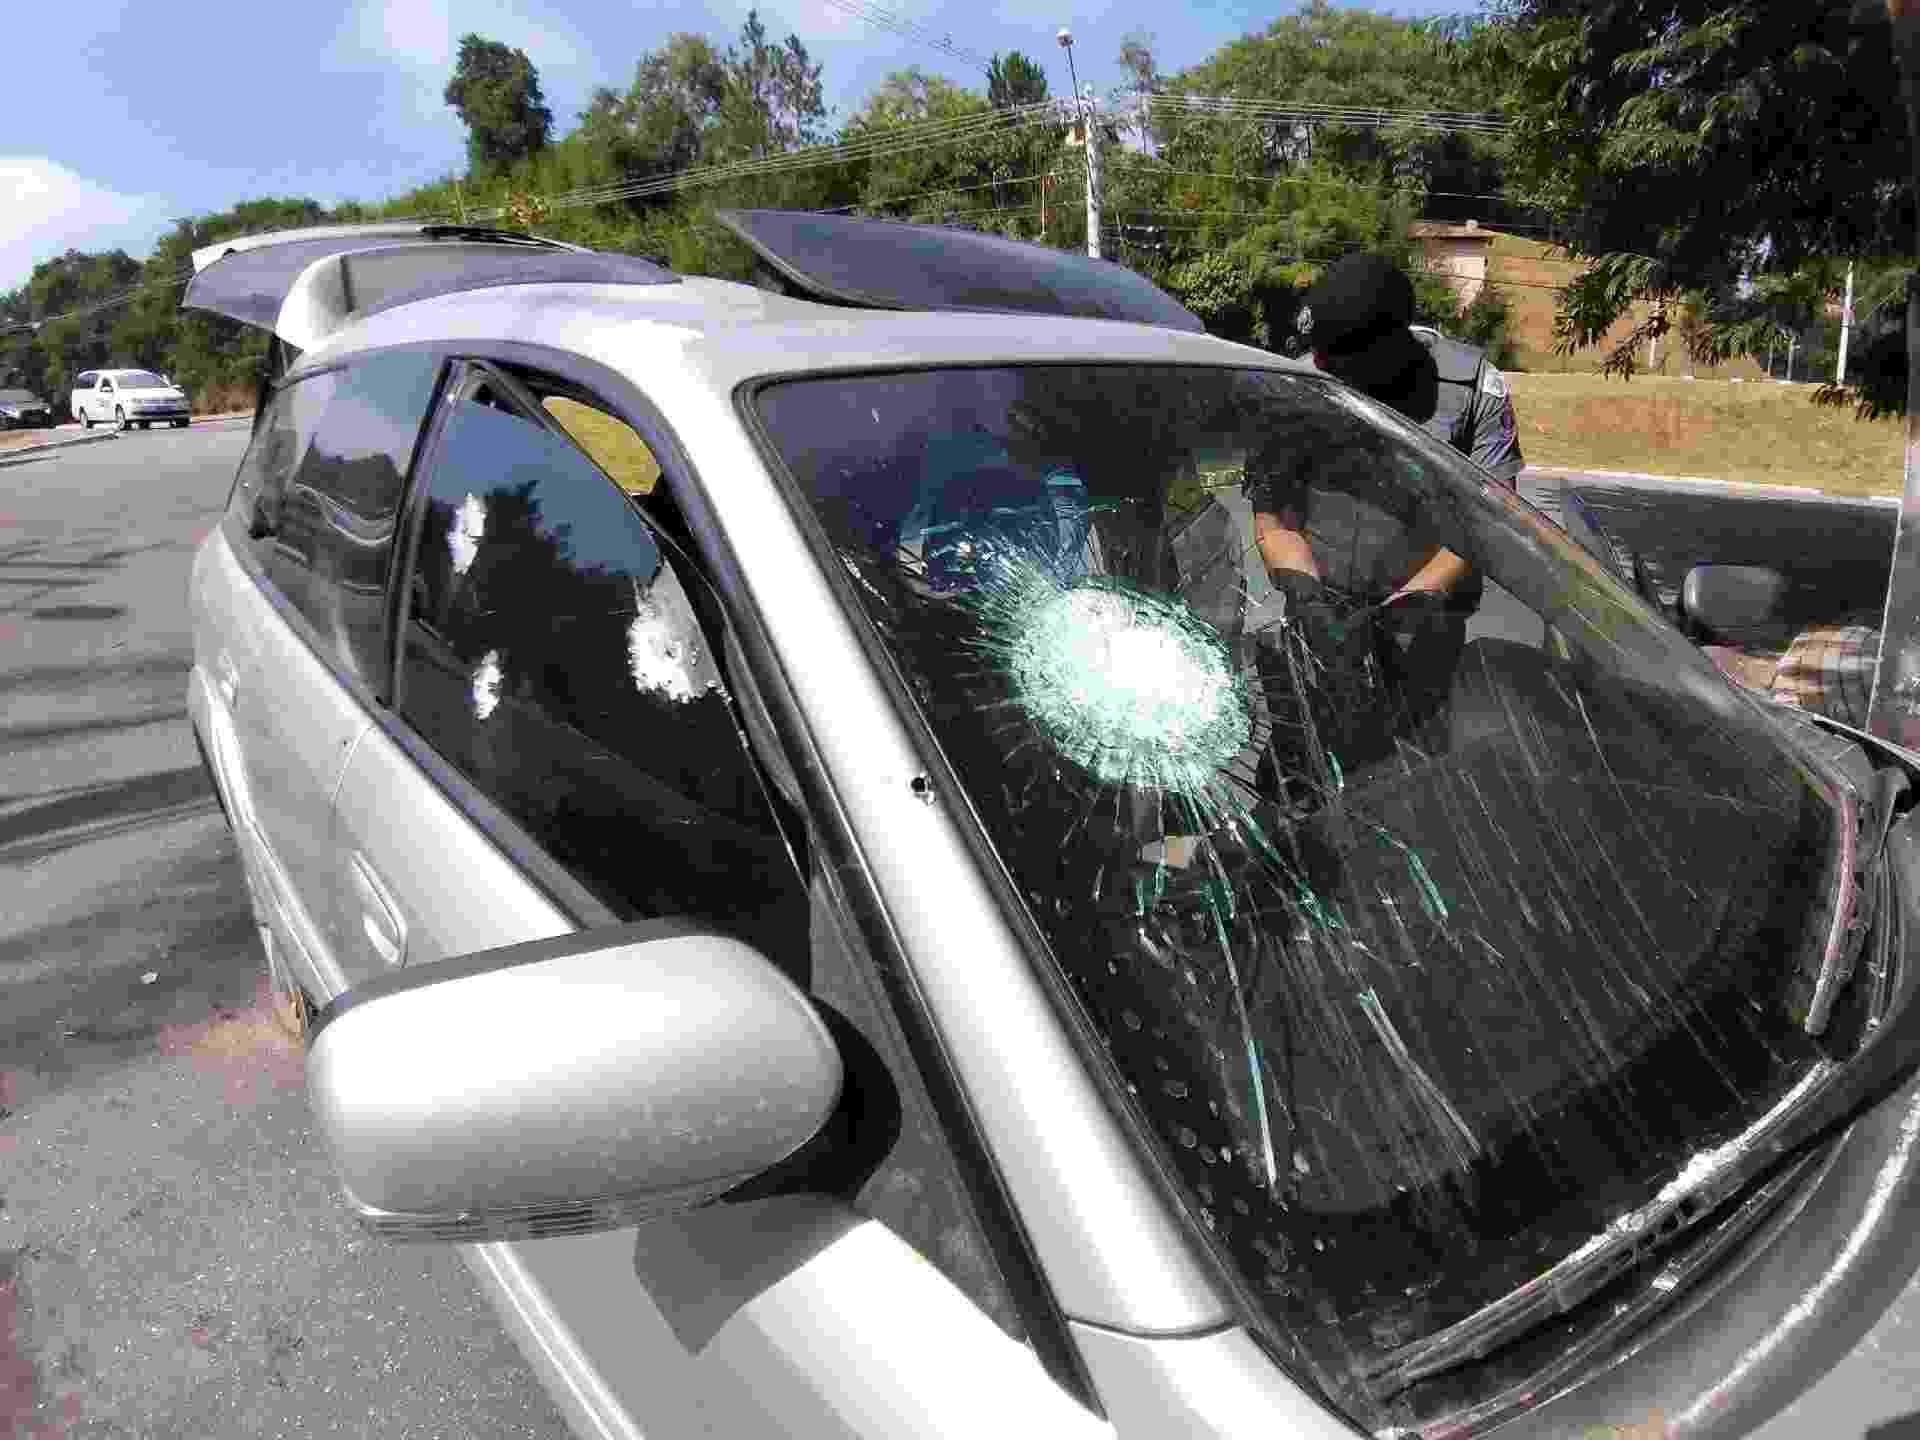 Perfurações são vistas em carro onde estavam criminosos em Guararema - Nivaldo Lima/Futura Press/Estadão Conteúdo